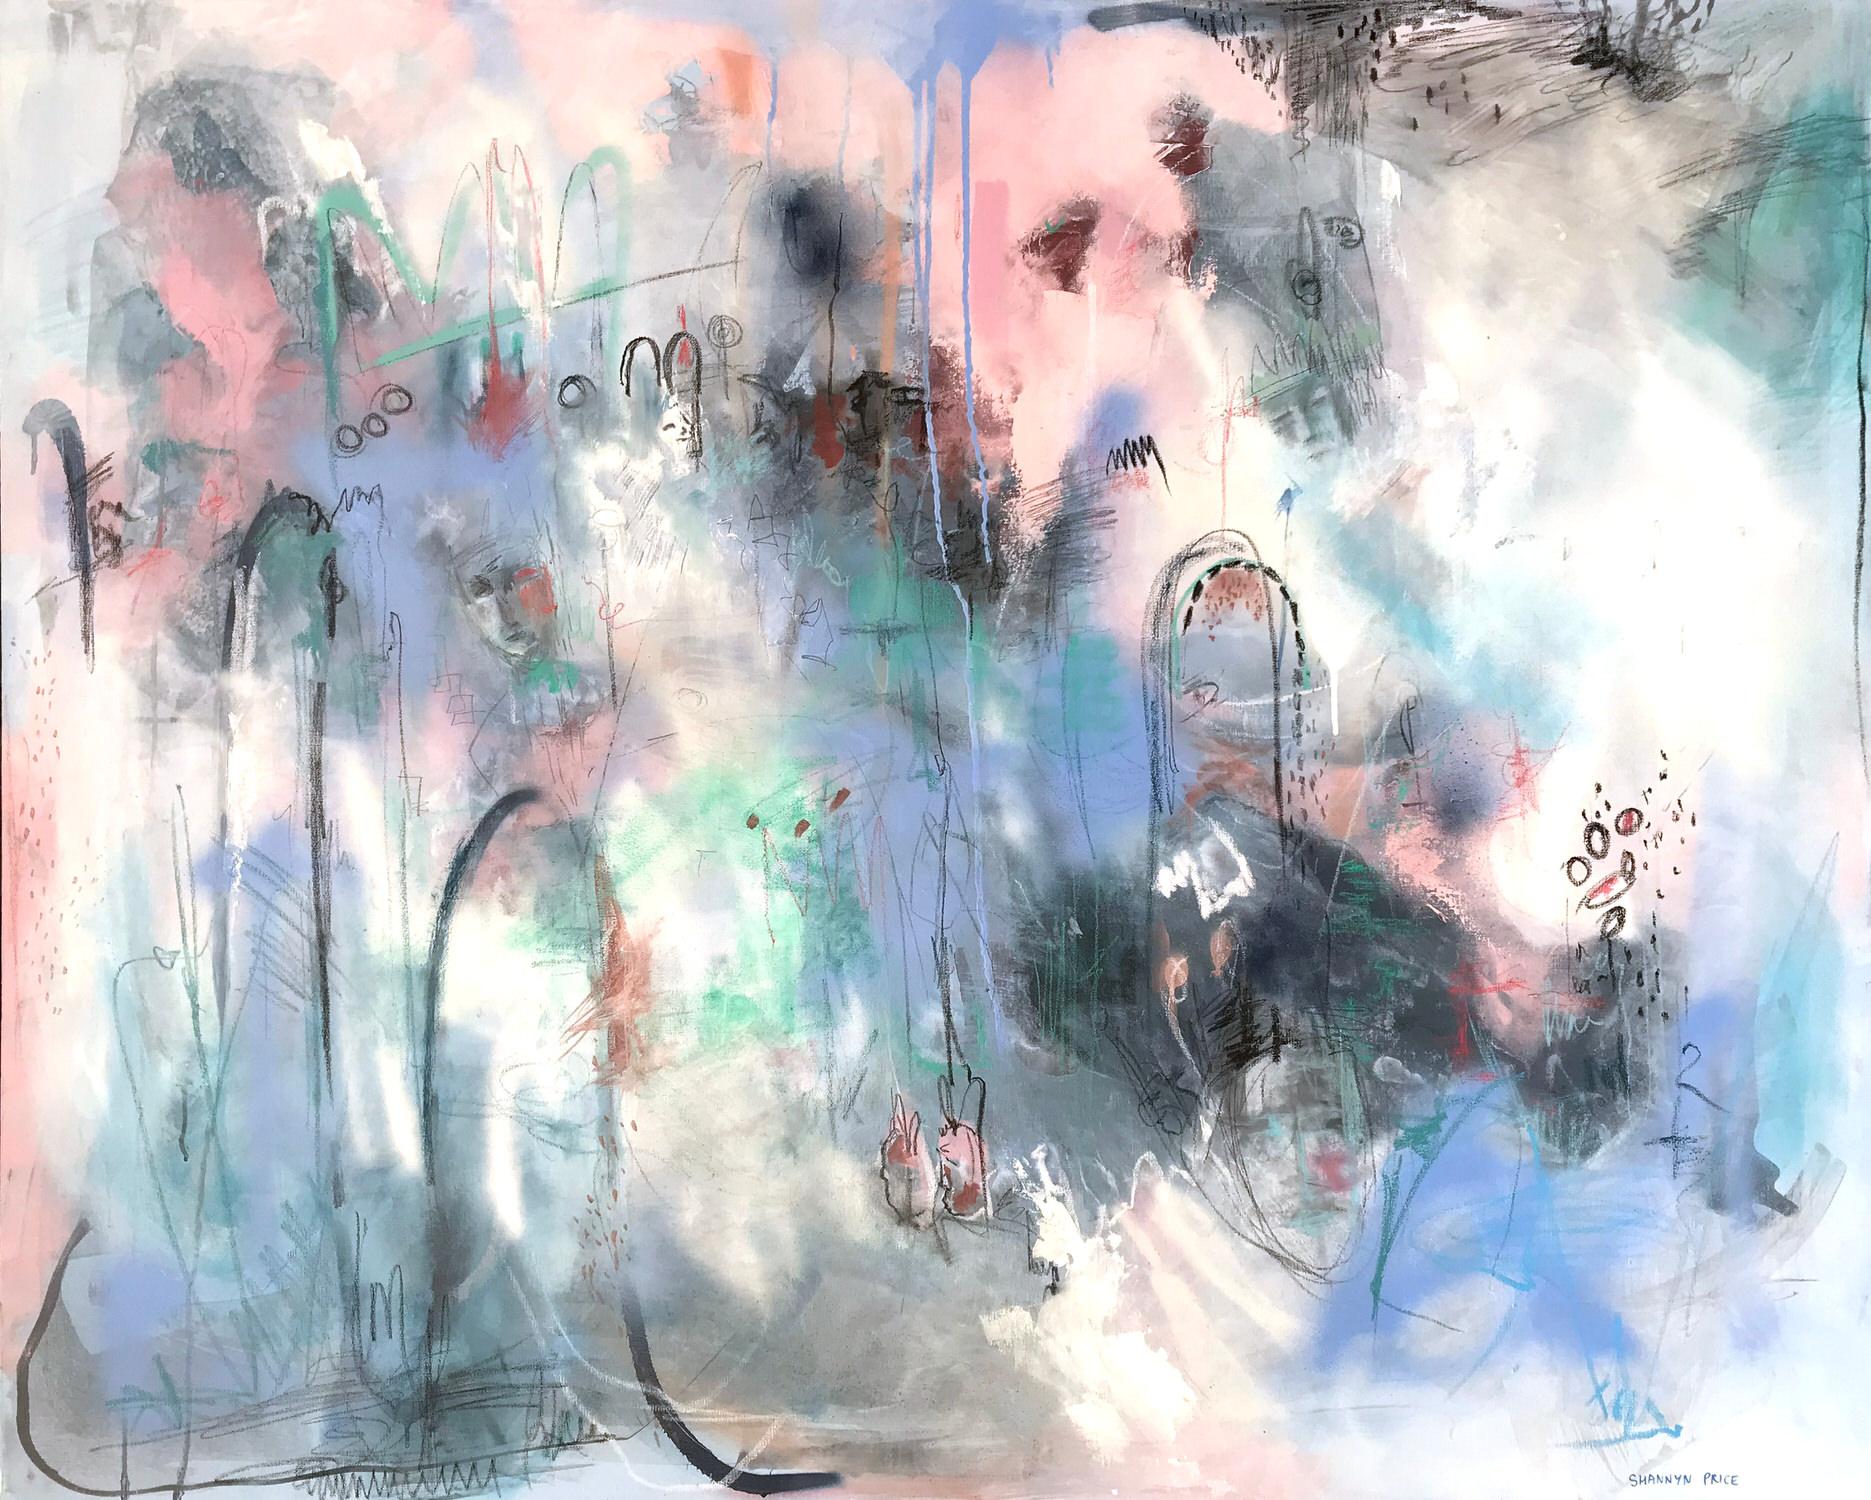 Shannyn Alexene PriceImagine, 2019 Mixed Media on Canvas 152 x 122 cm.jpg